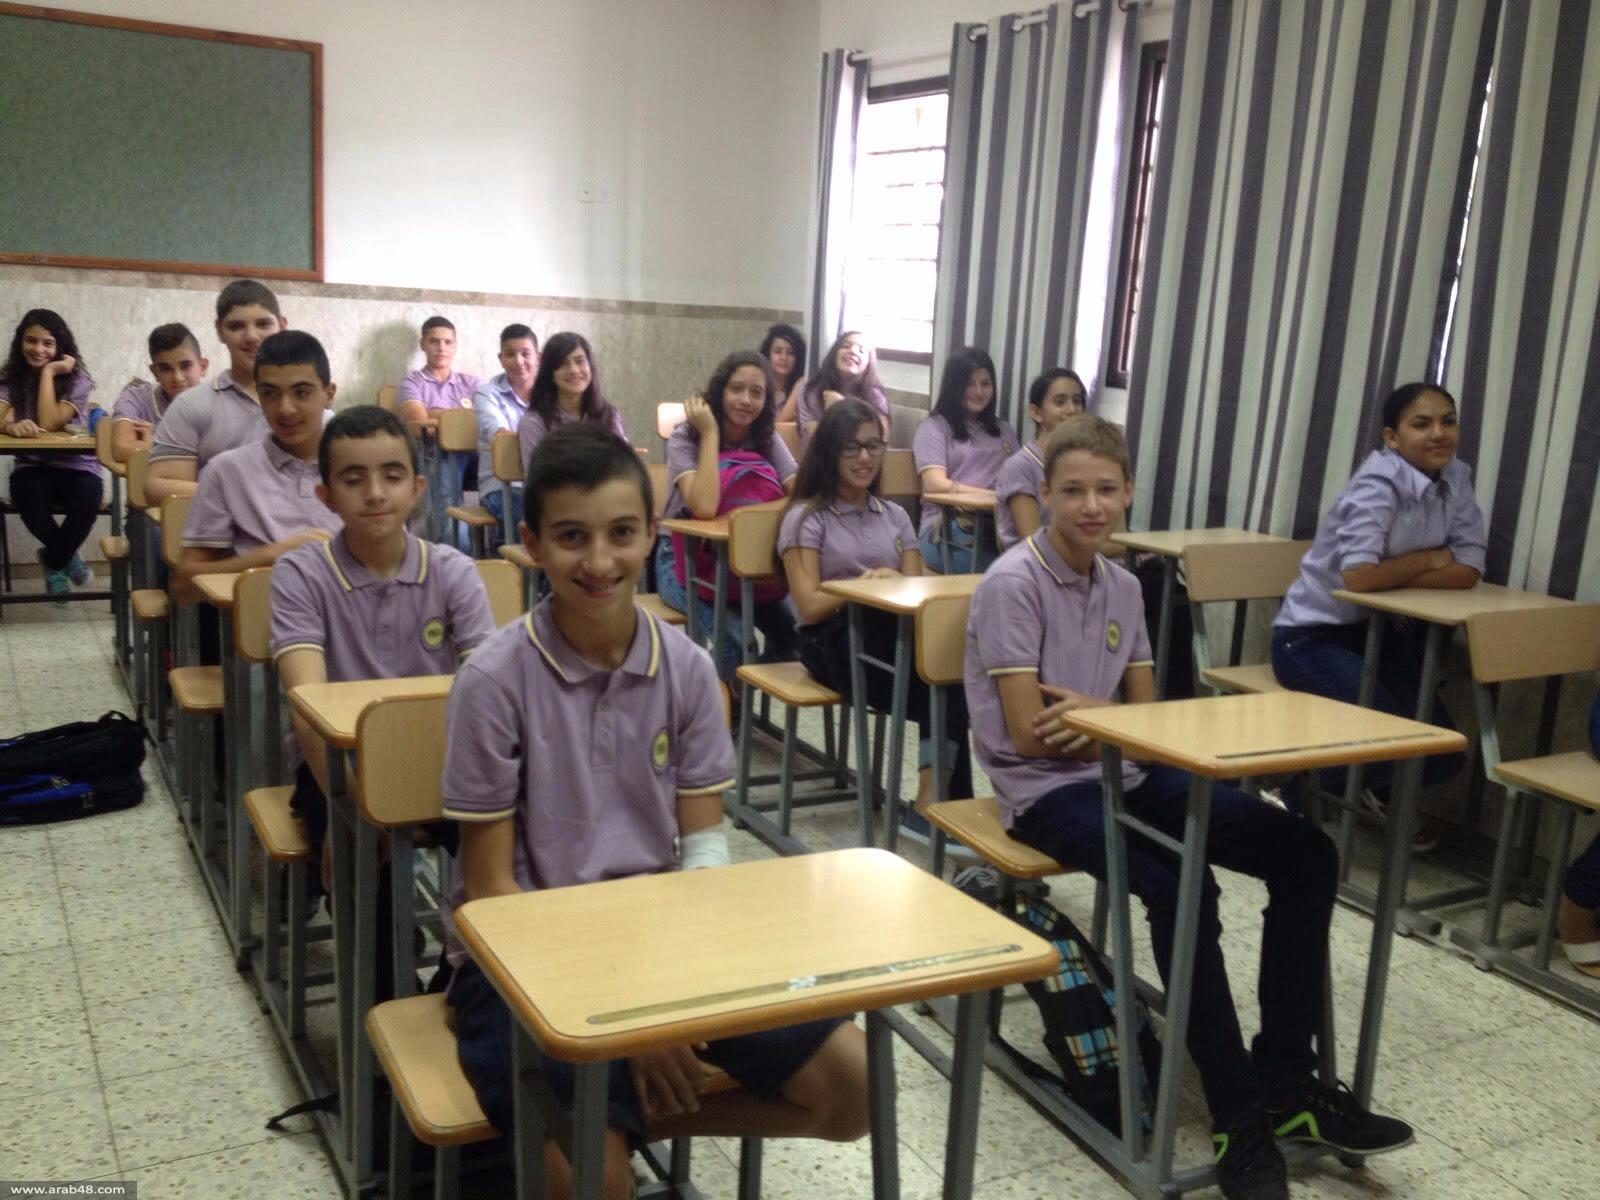 المدارس الأهلية: 33 ألف تلميذ يبدأون عامهم الدراسي اليوم